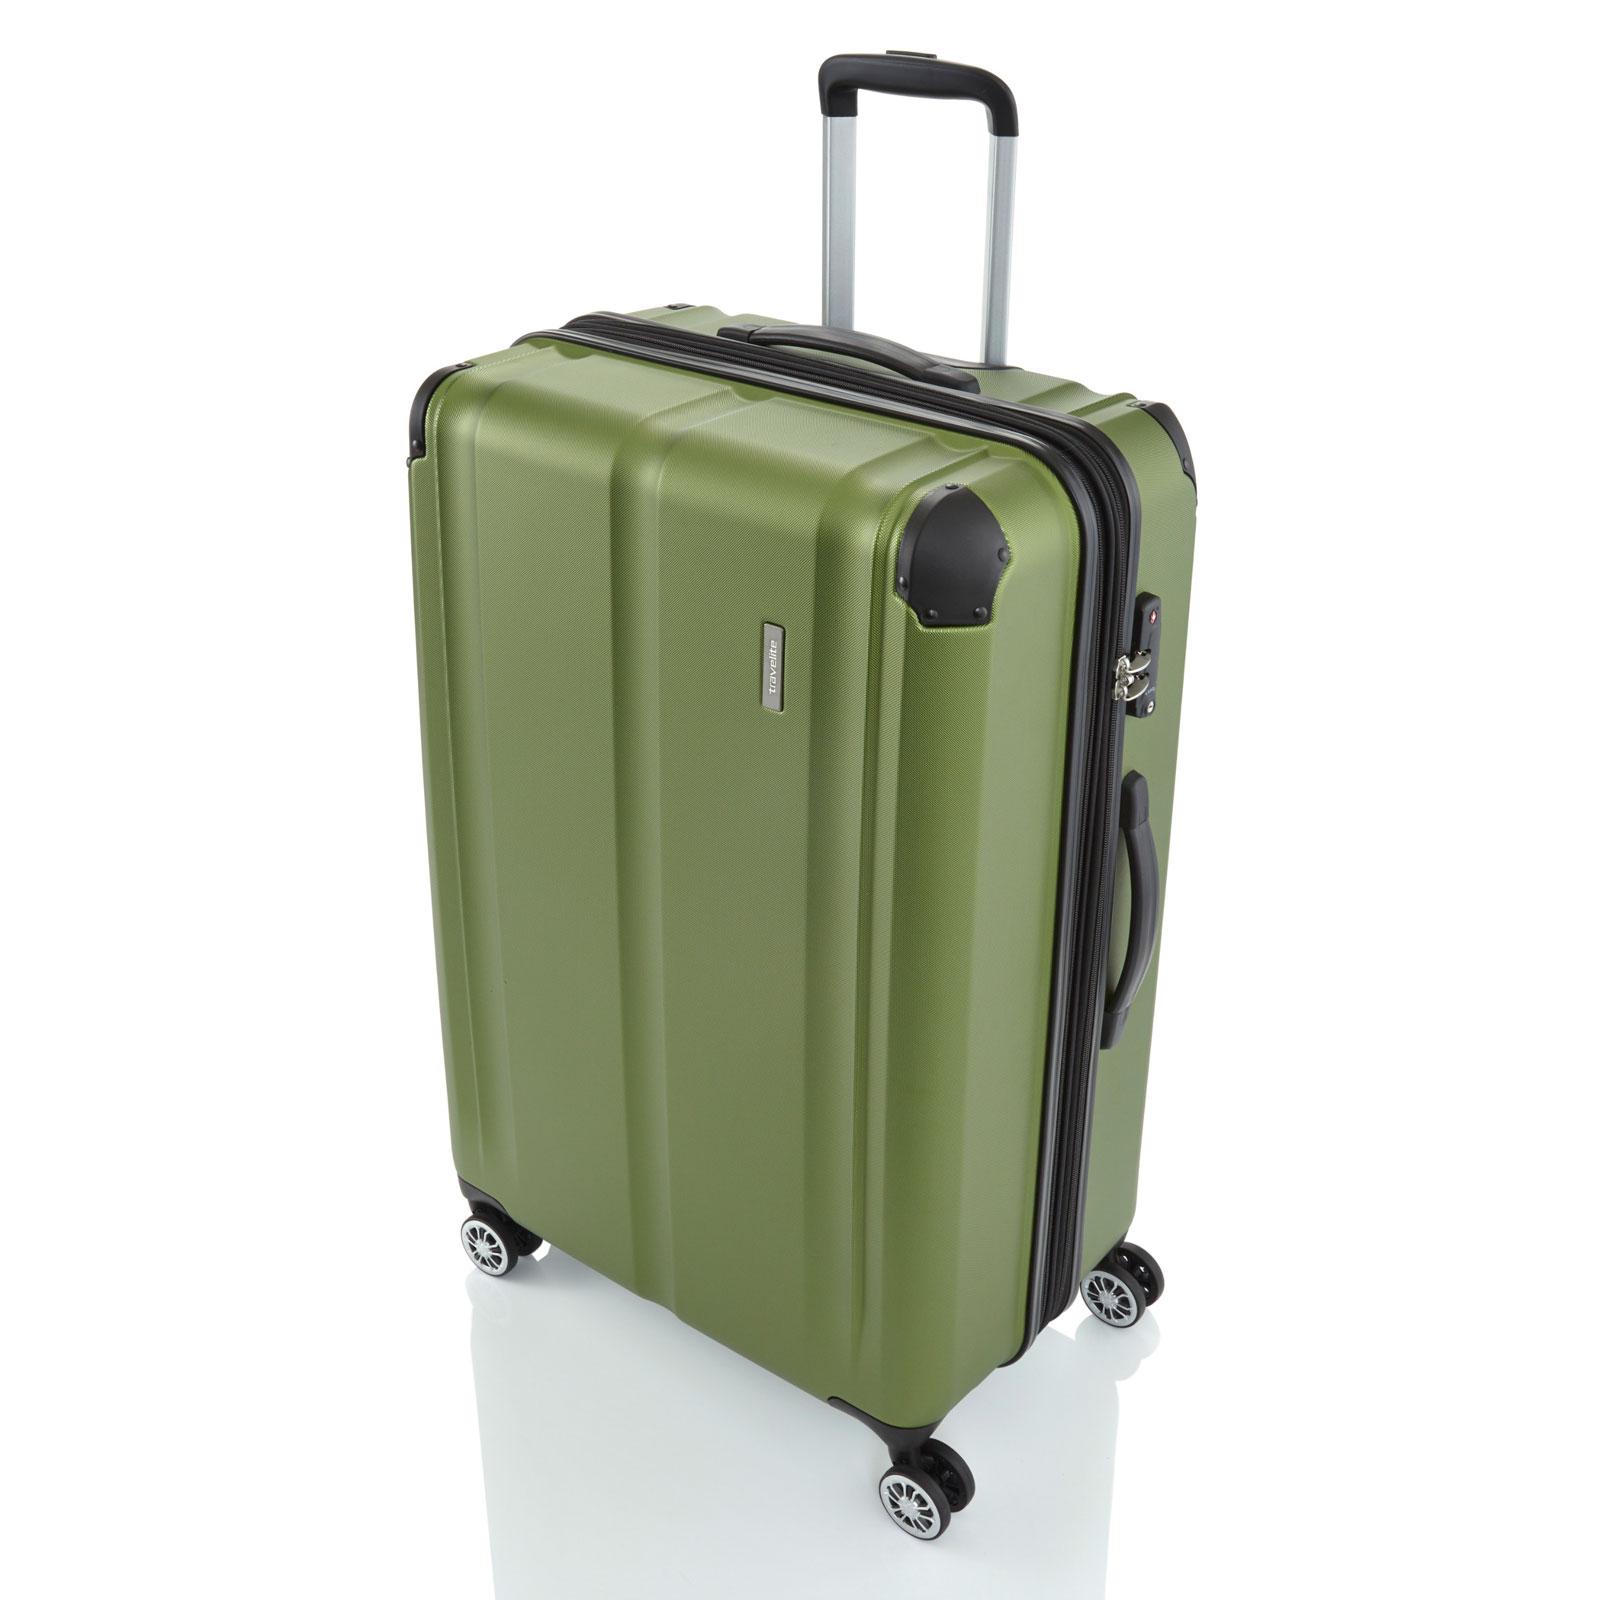 travelite city trolley 77 cm 4 rollen erweiterbar g nstig kaufen koffermarkt. Black Bedroom Furniture Sets. Home Design Ideas